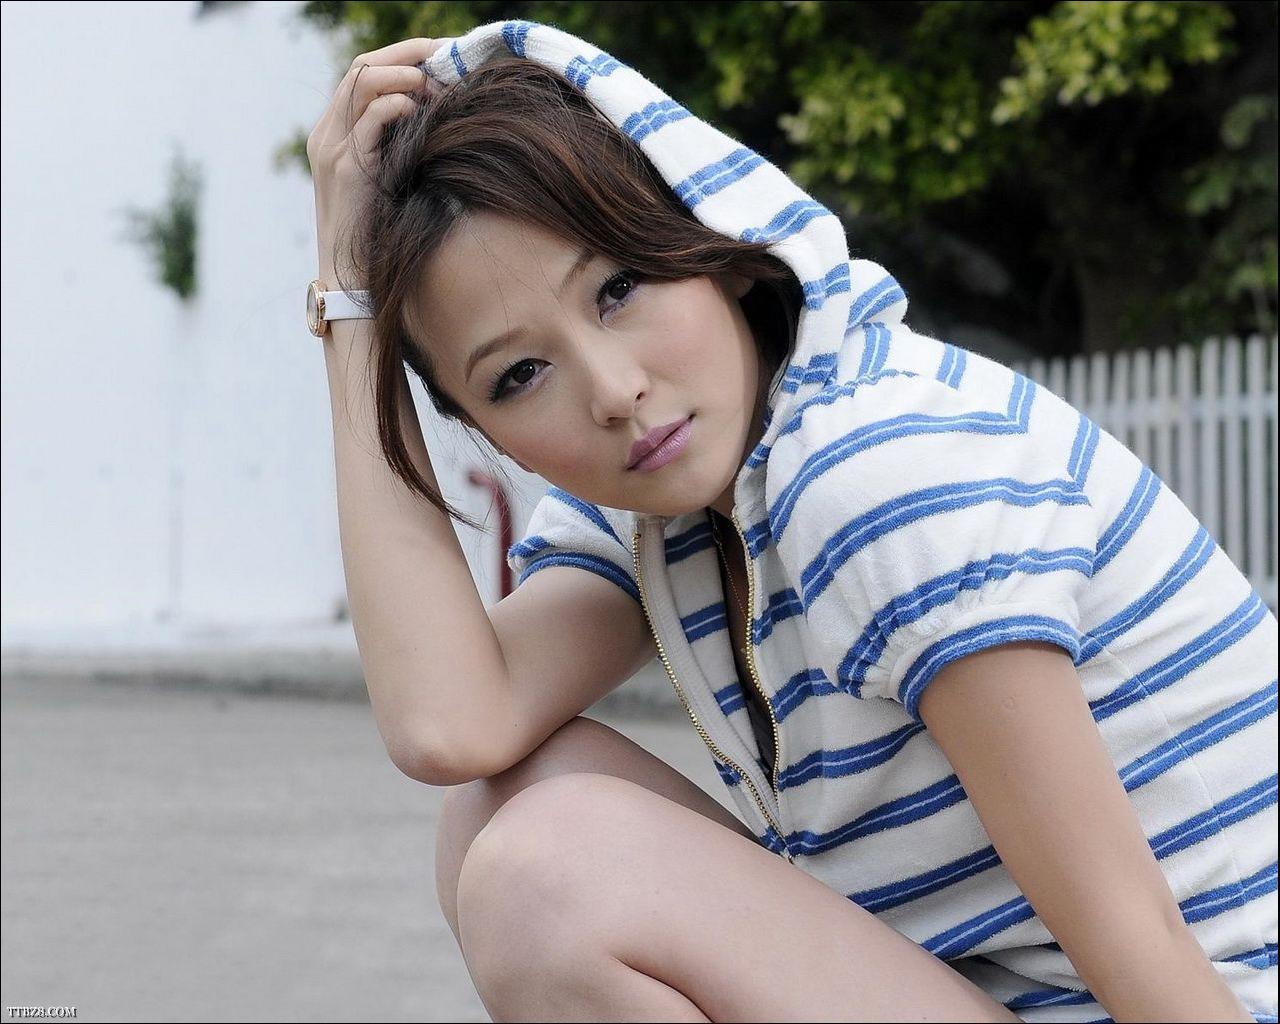 Фото Marie Zhuge молодая женщина девушка Девушки молодые женщины